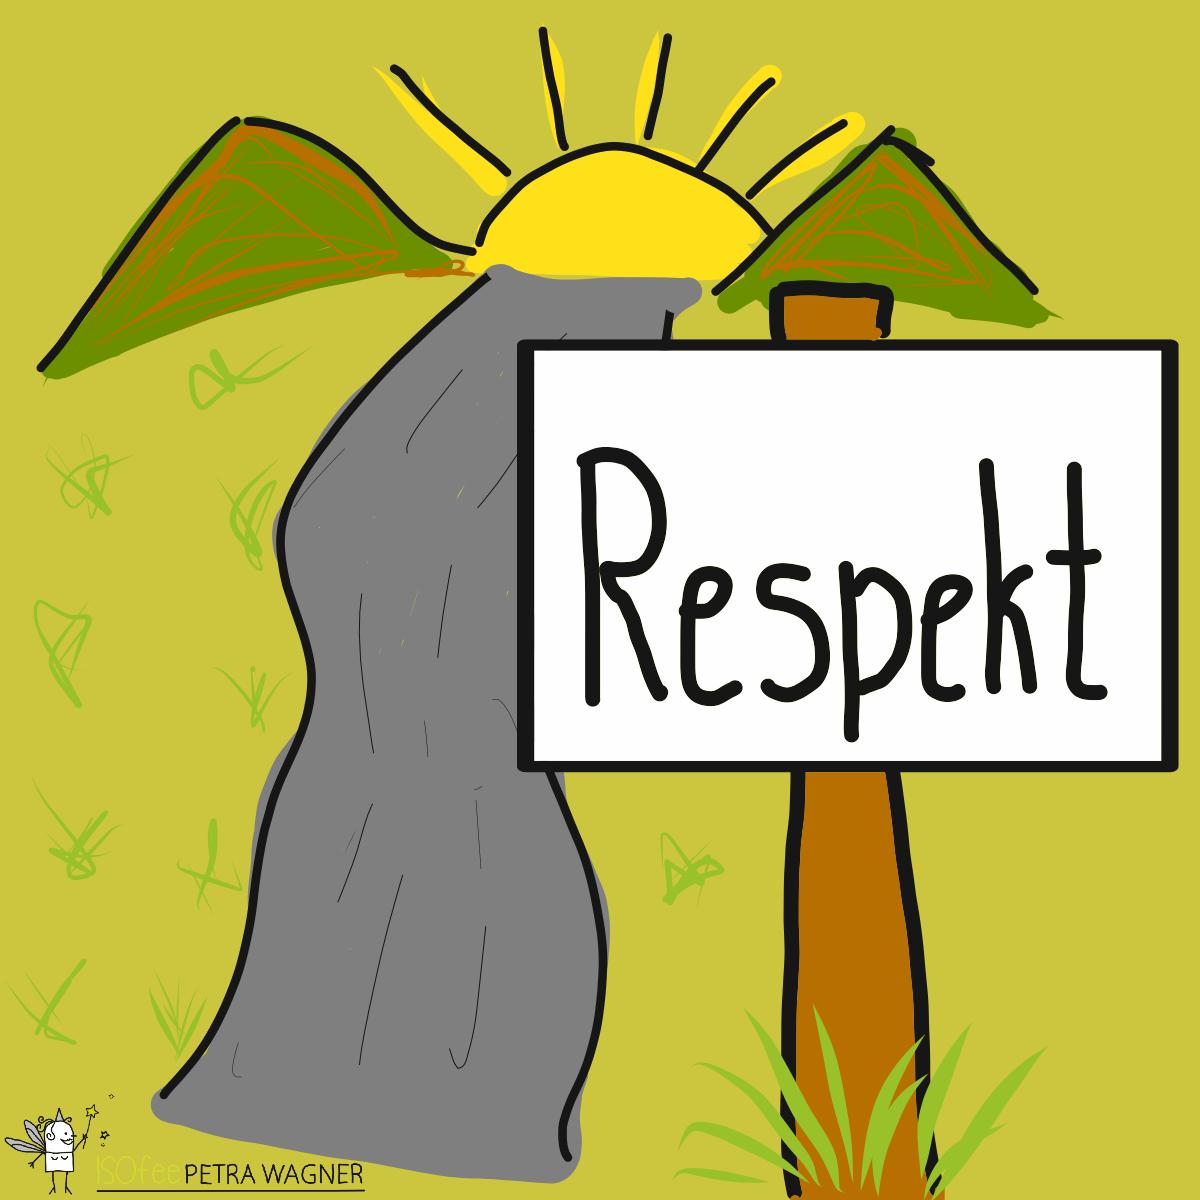 Respekt gegenüber Mitarbeitern - ISOfee.eu